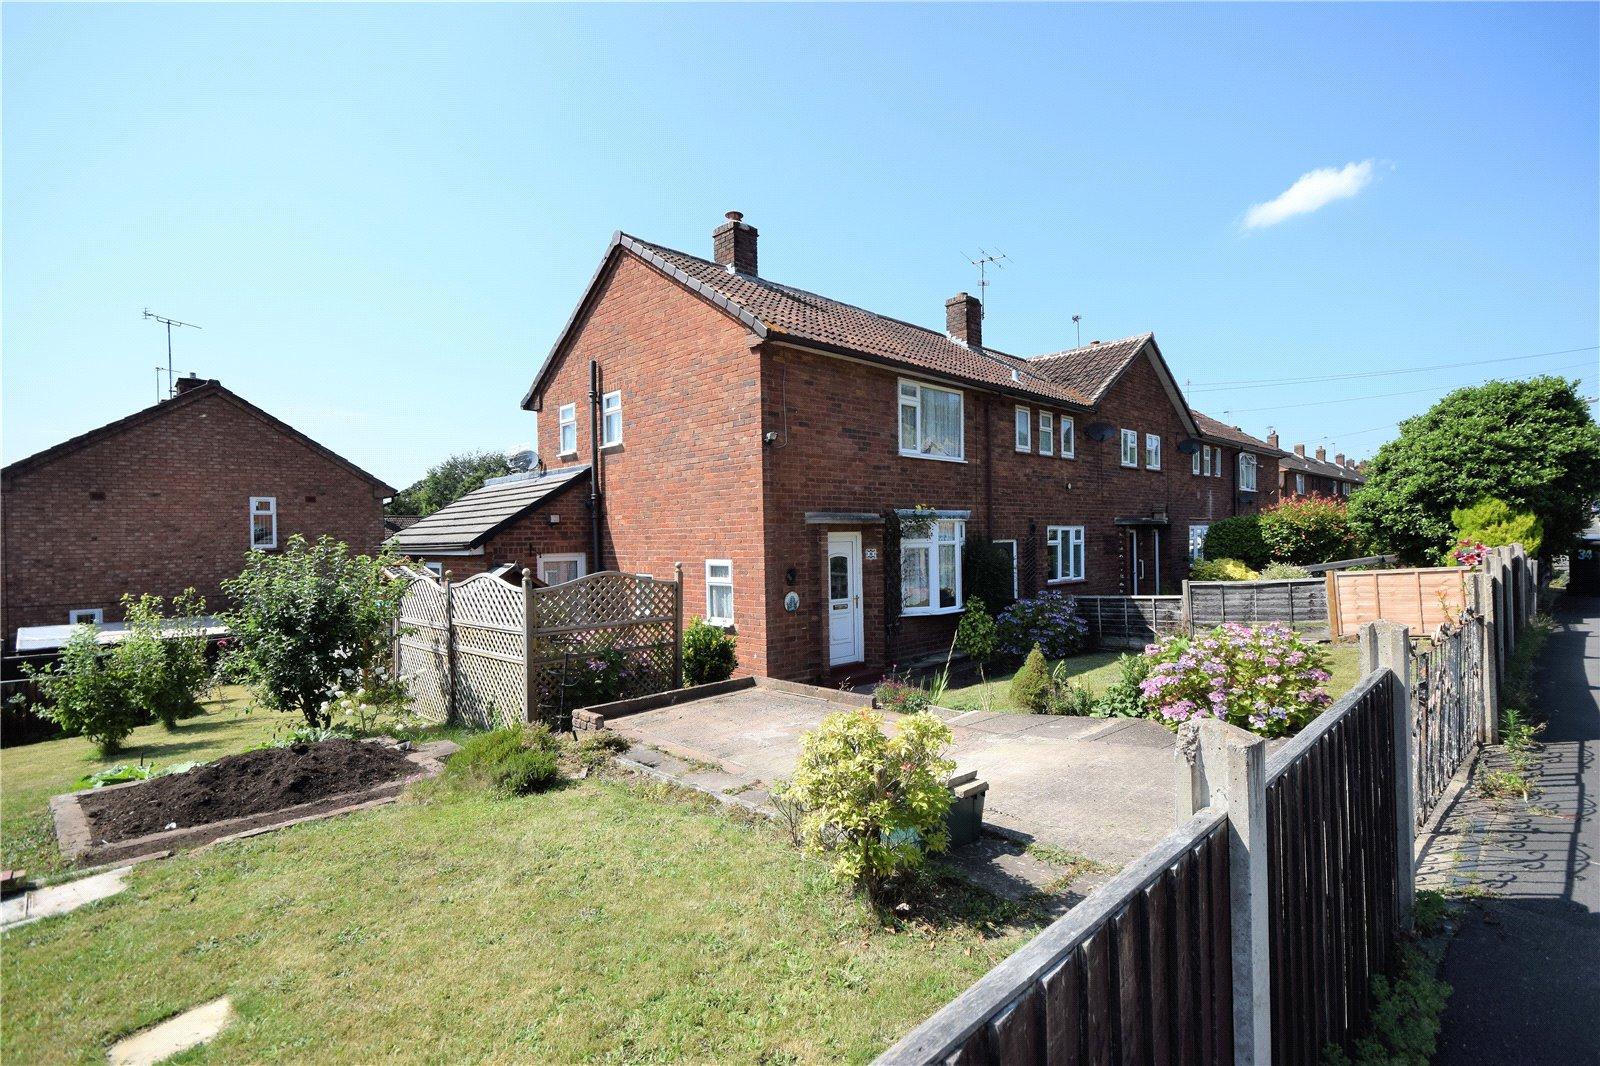 36 Lodge Lane, Bridgnorth, Shropshire, WV15